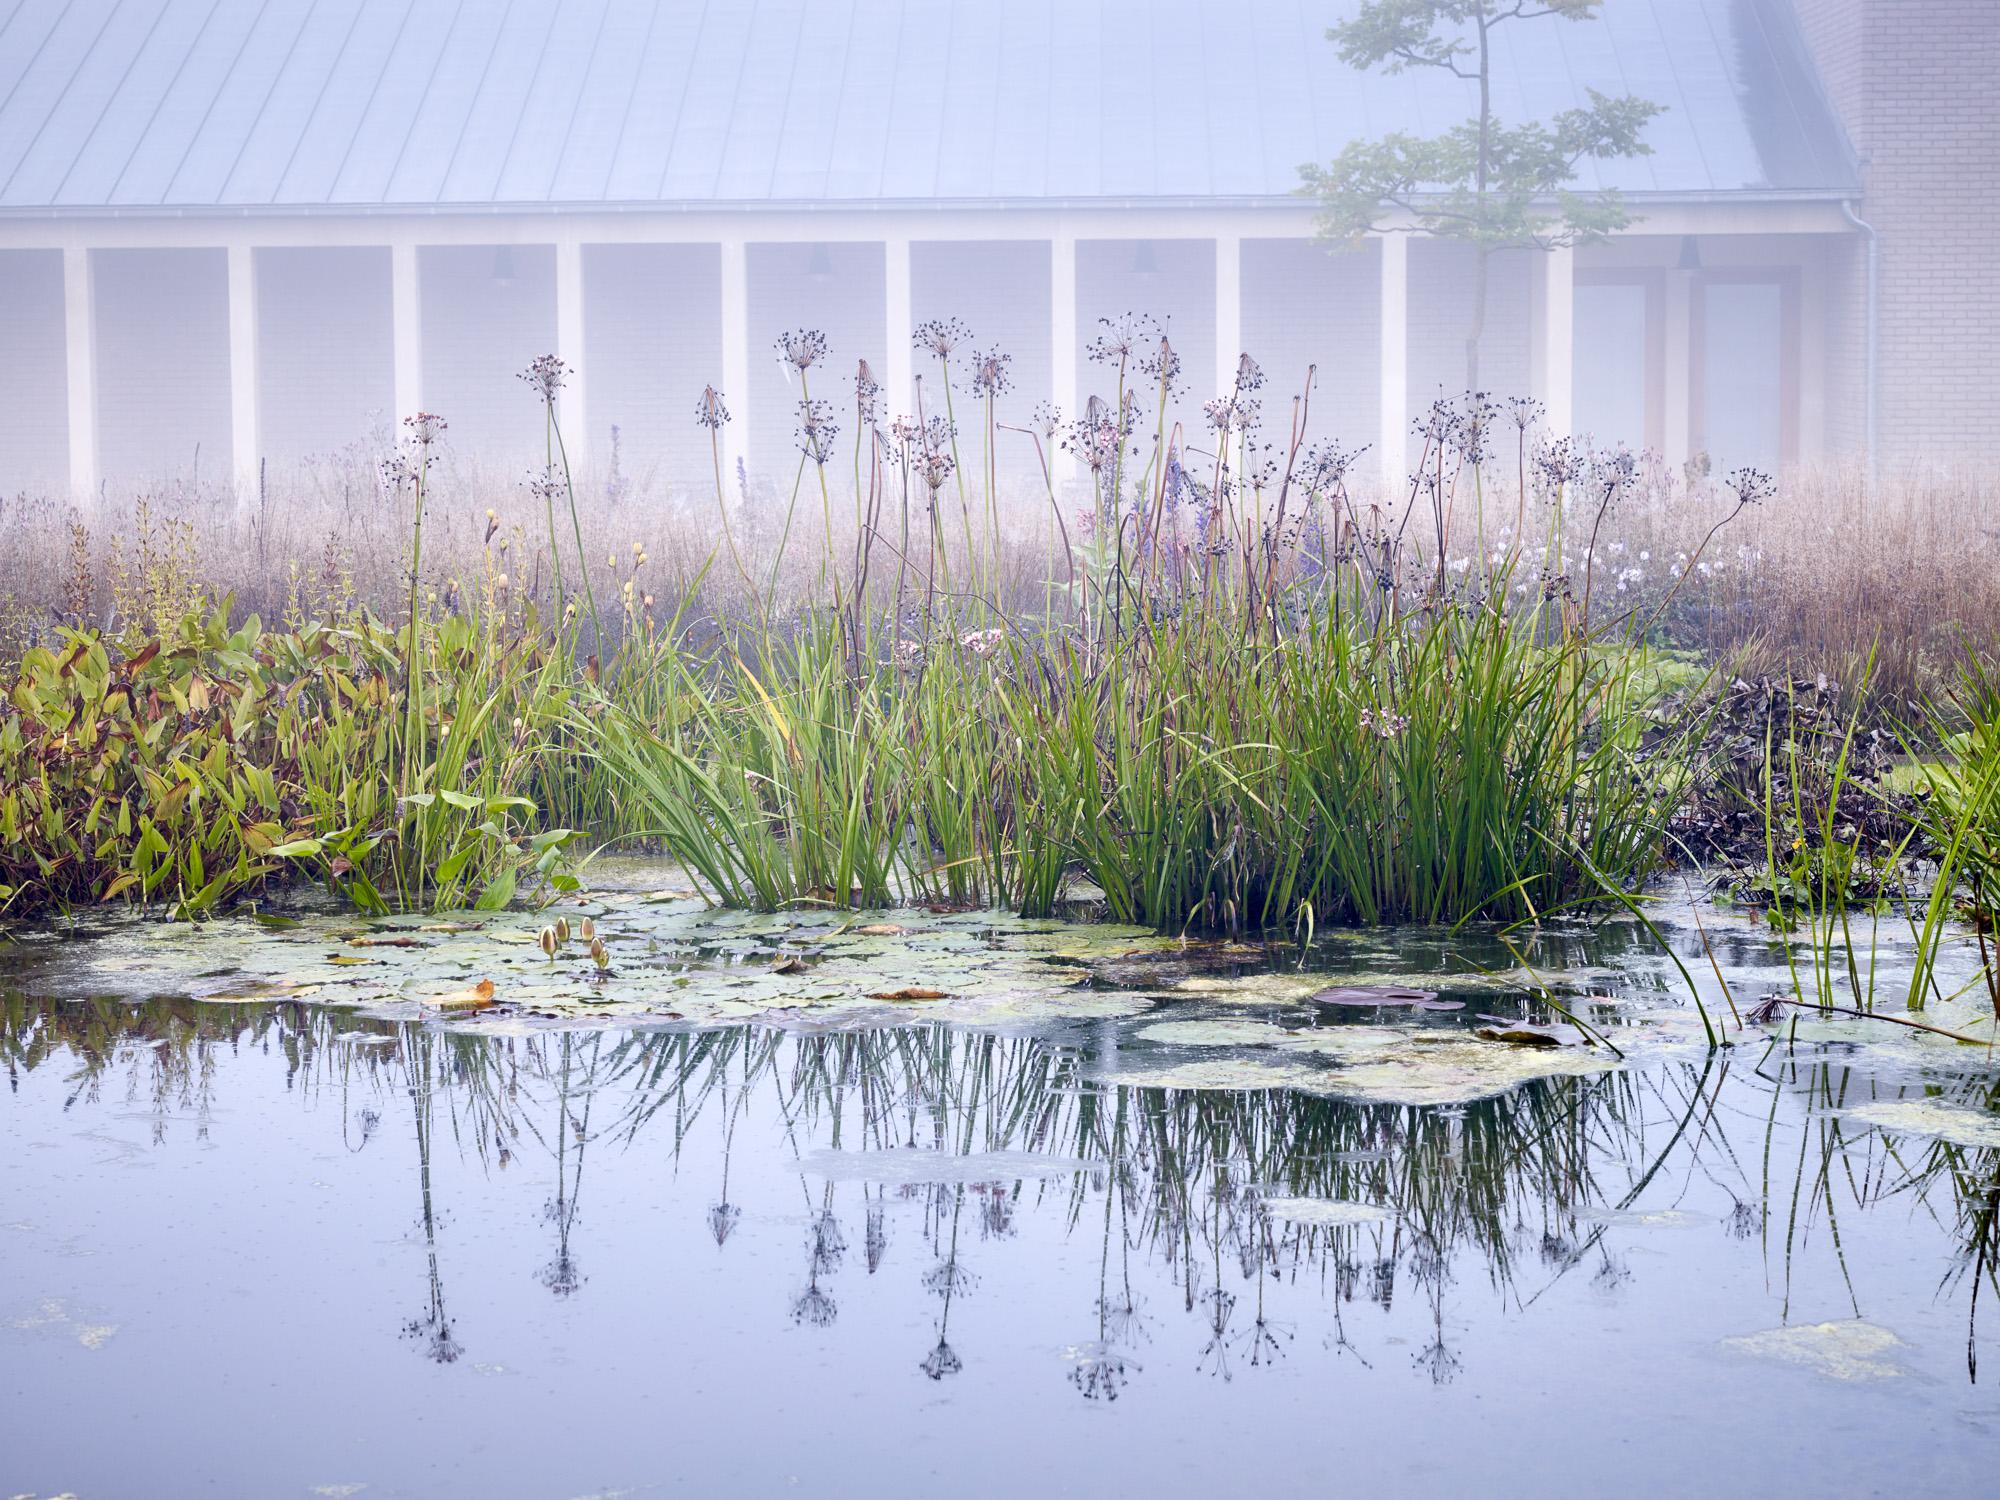 Piet Oudolf Garden - Hauser & Wirth, Bruton, Somerset (September 2015)